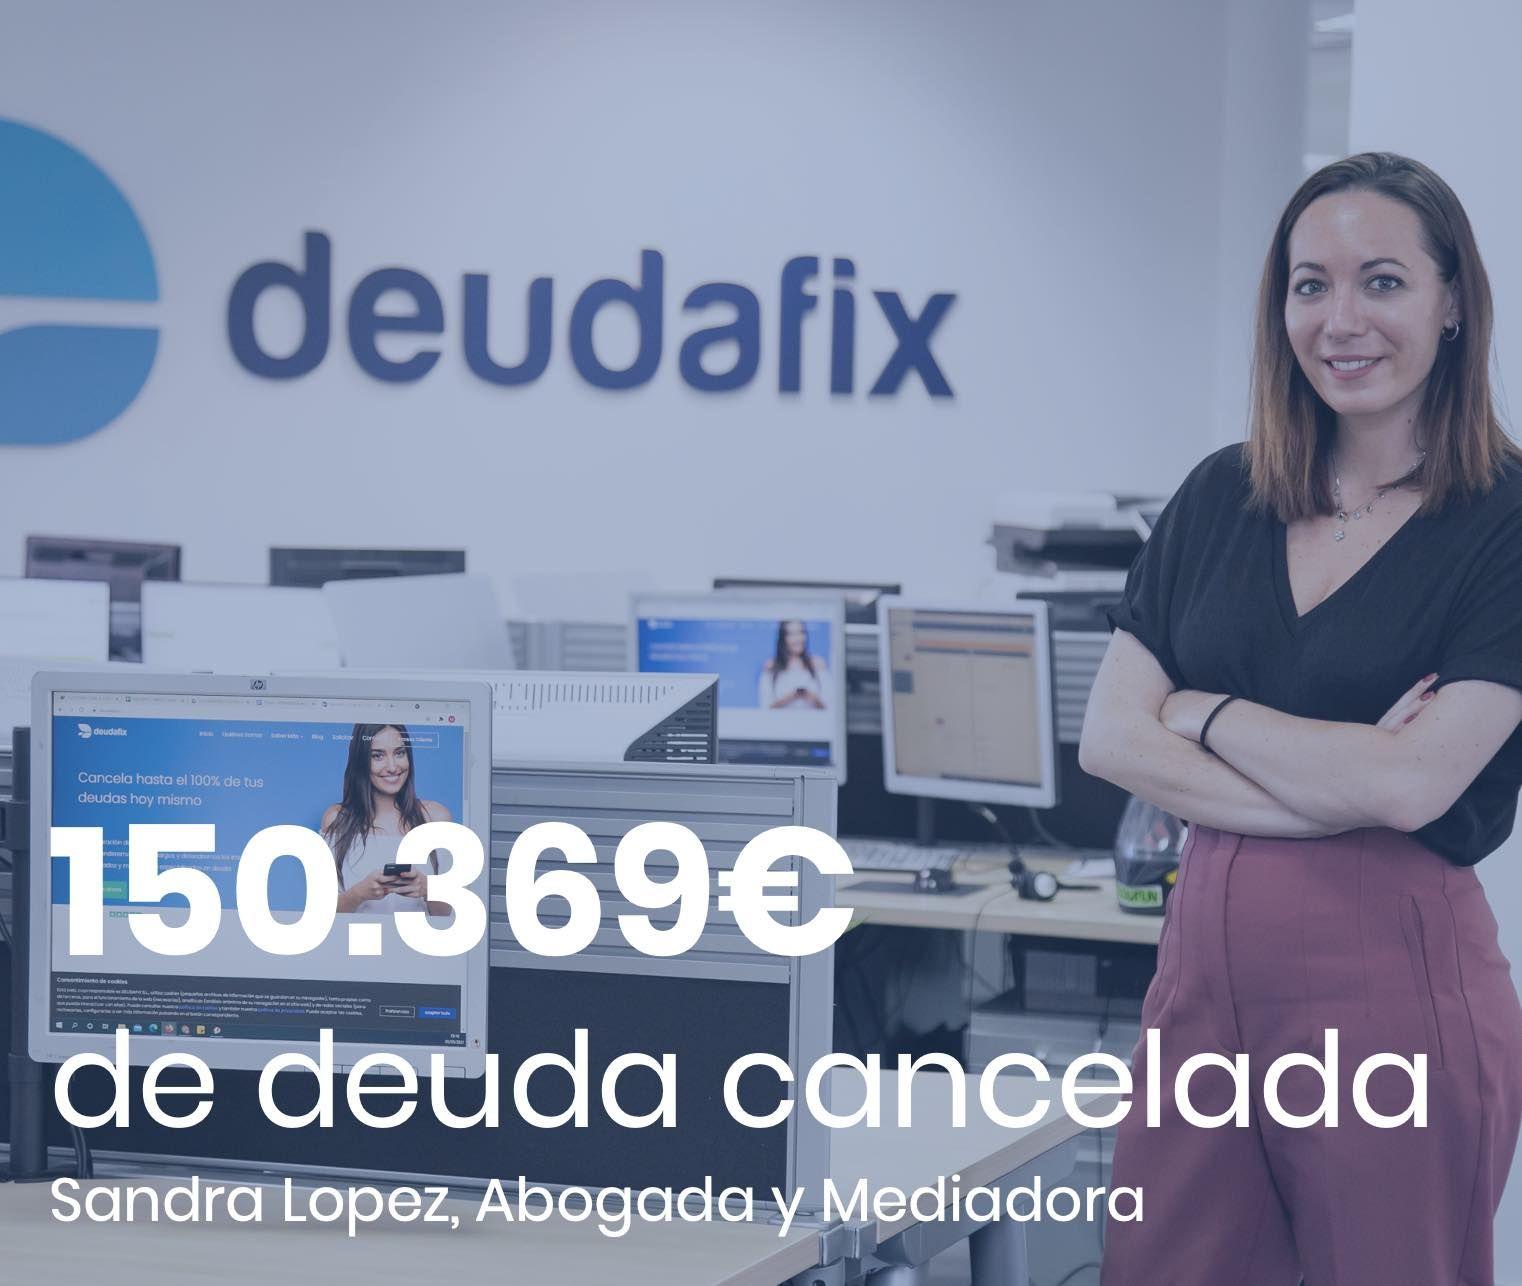 Deudafix cancela 150.369 euros con la Ley de la Segunda Oportunidad